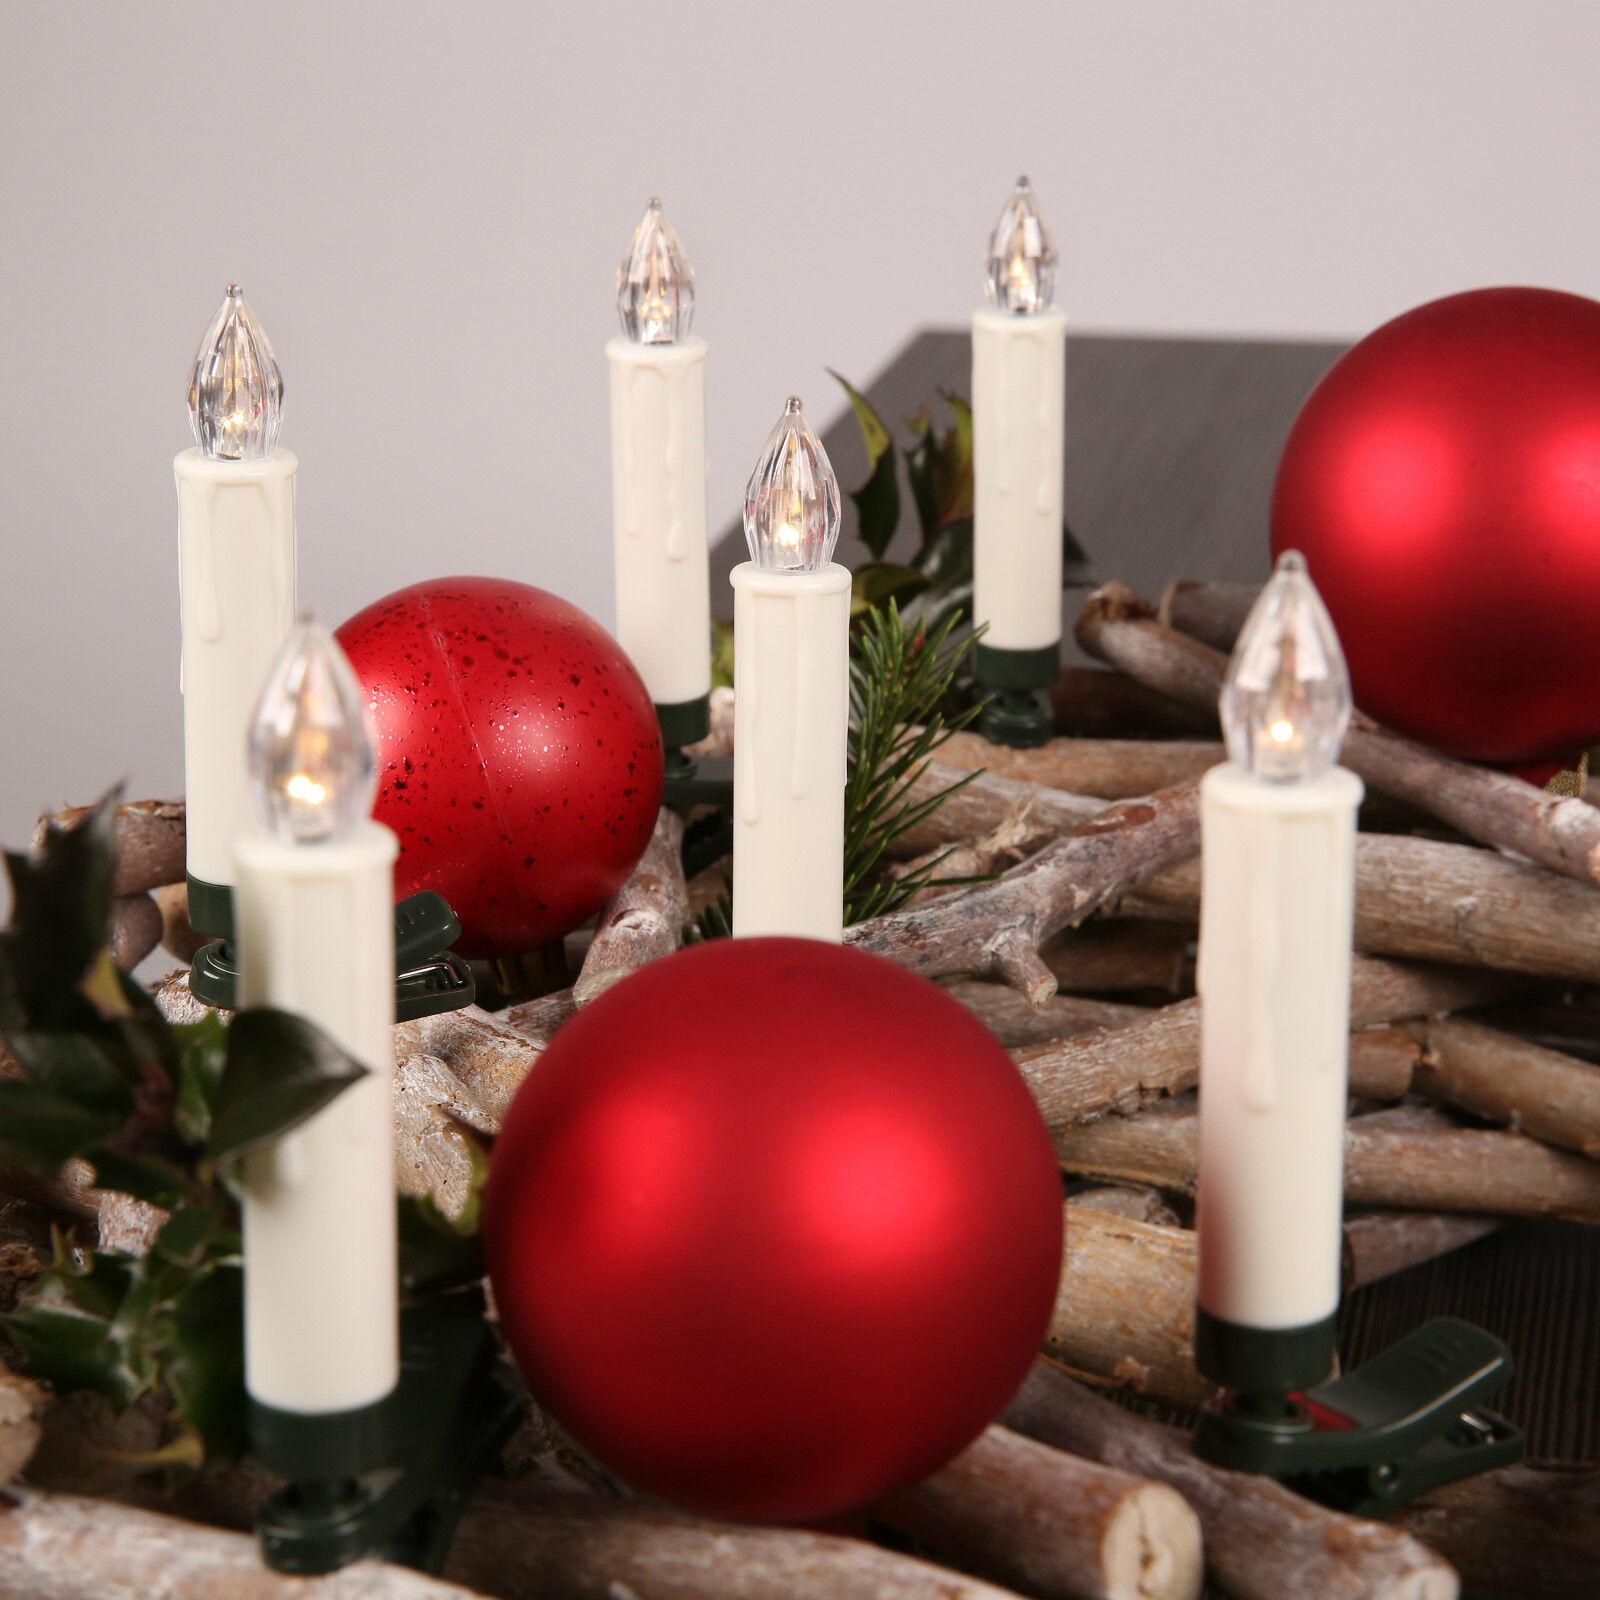 kabellose 20 led weihnachtskerzen lichterkette weihnachtsbaum baumkerzen eur 22 99 picclick it. Black Bedroom Furniture Sets. Home Design Ideas